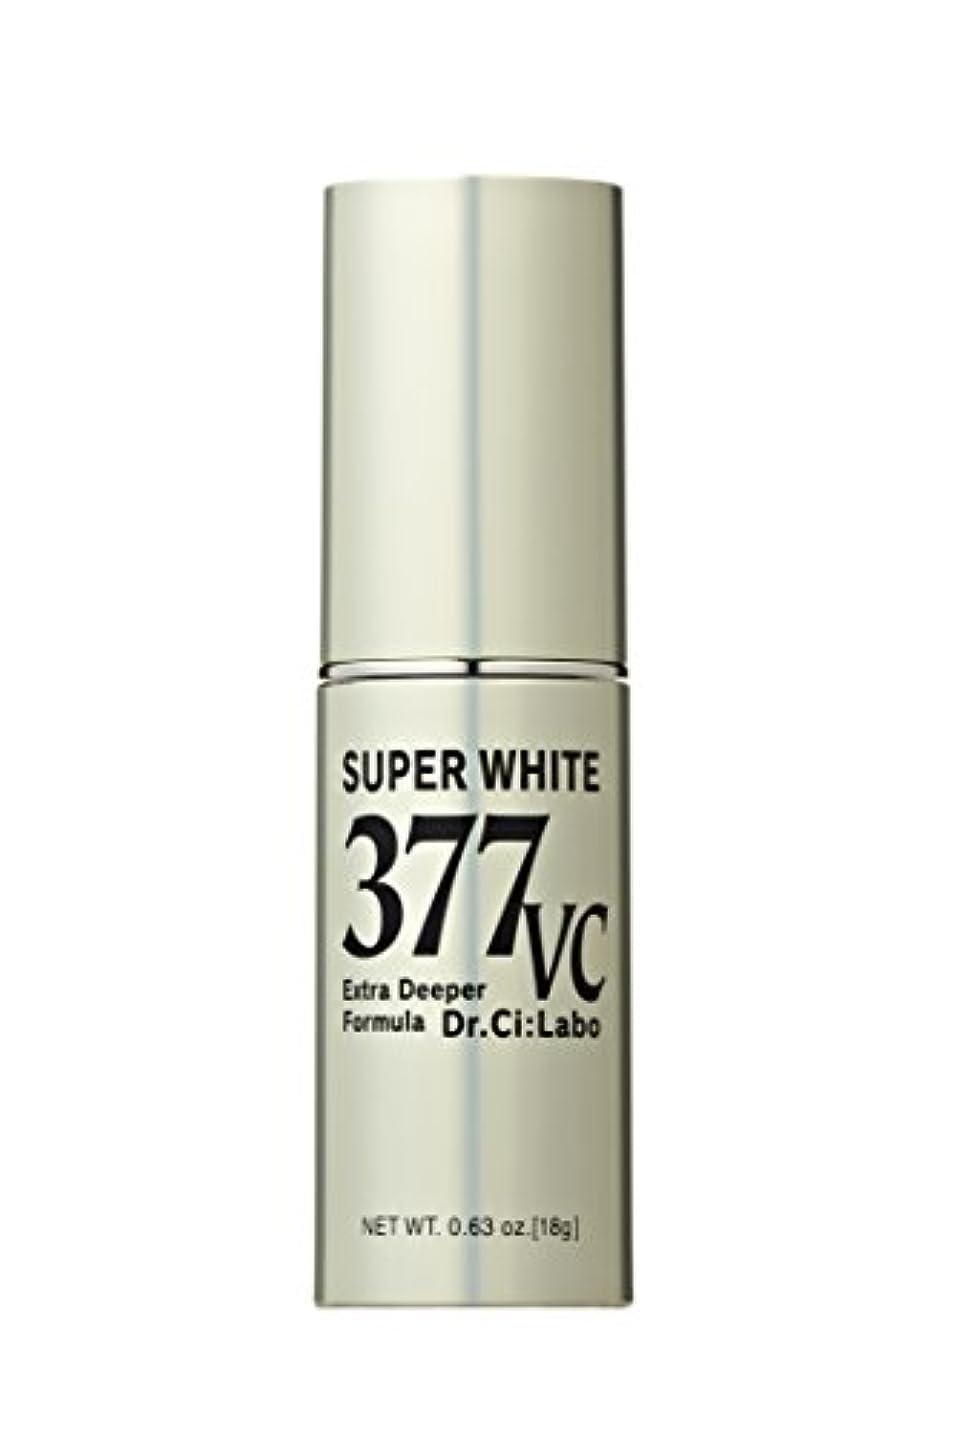 出発絶壁超音速ドクターシーラボ スーパーホワイト377VC(ブイシー) 高浸透ビタミンC 美容液 18g